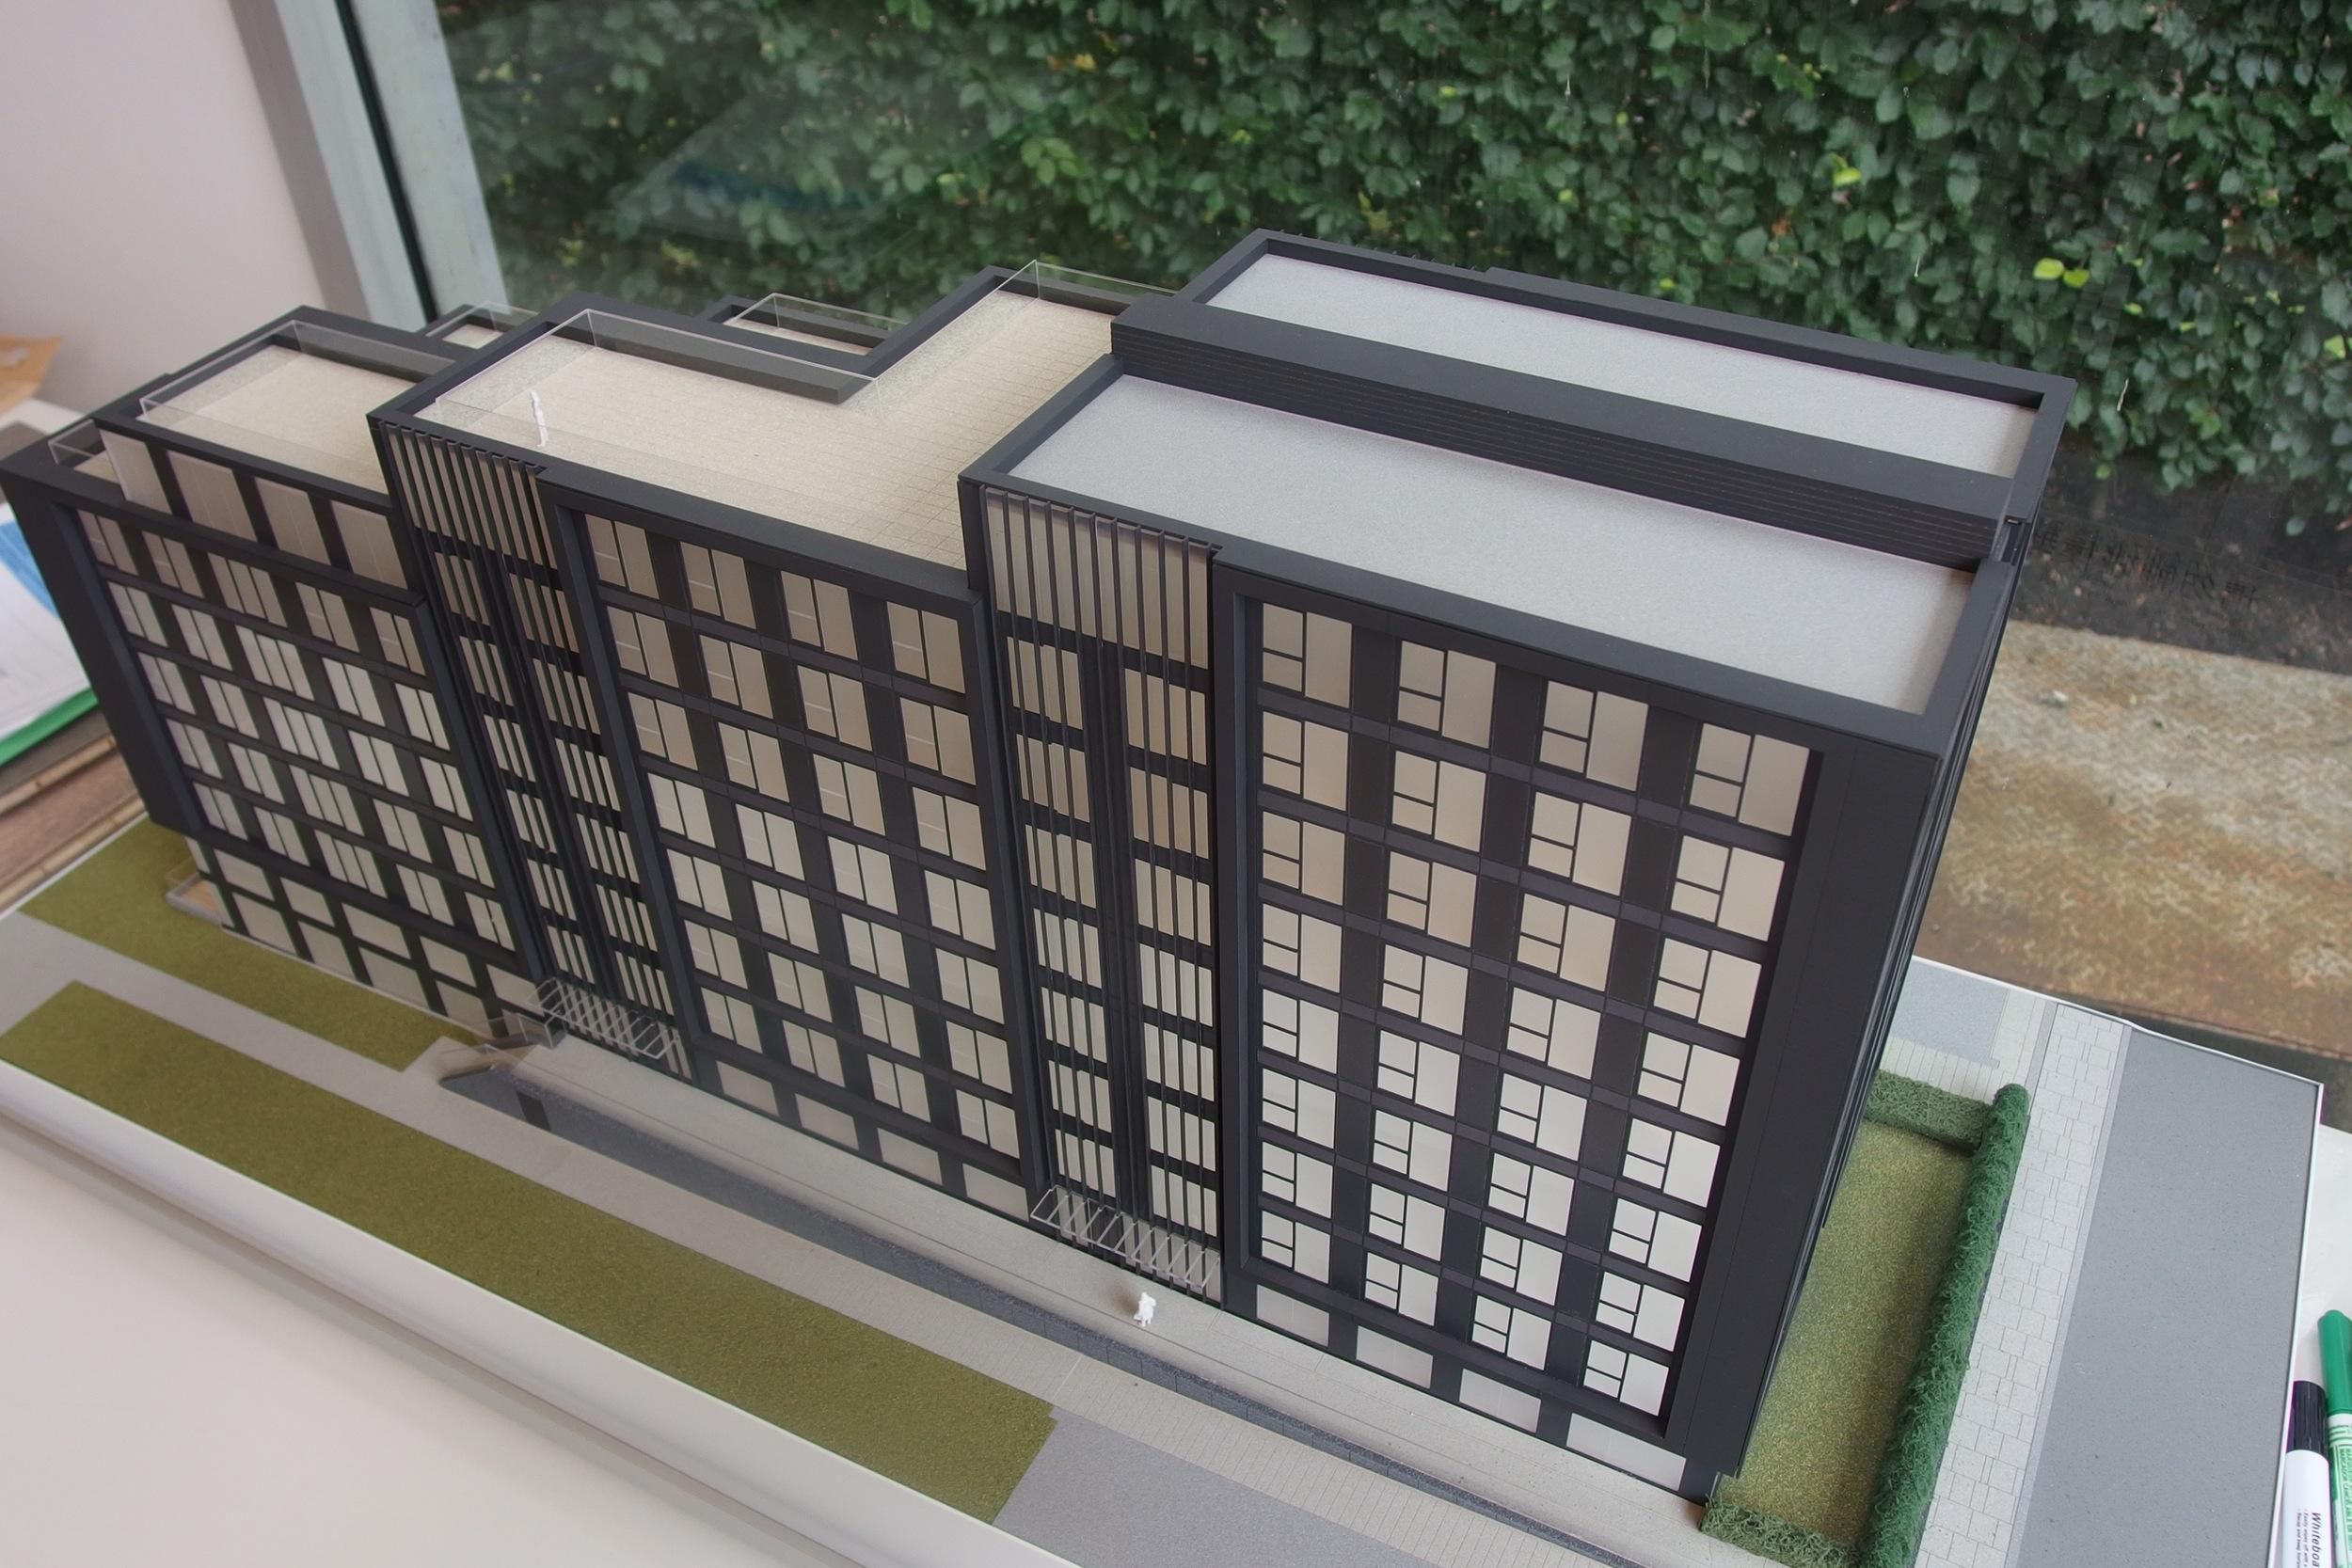 The original individual model